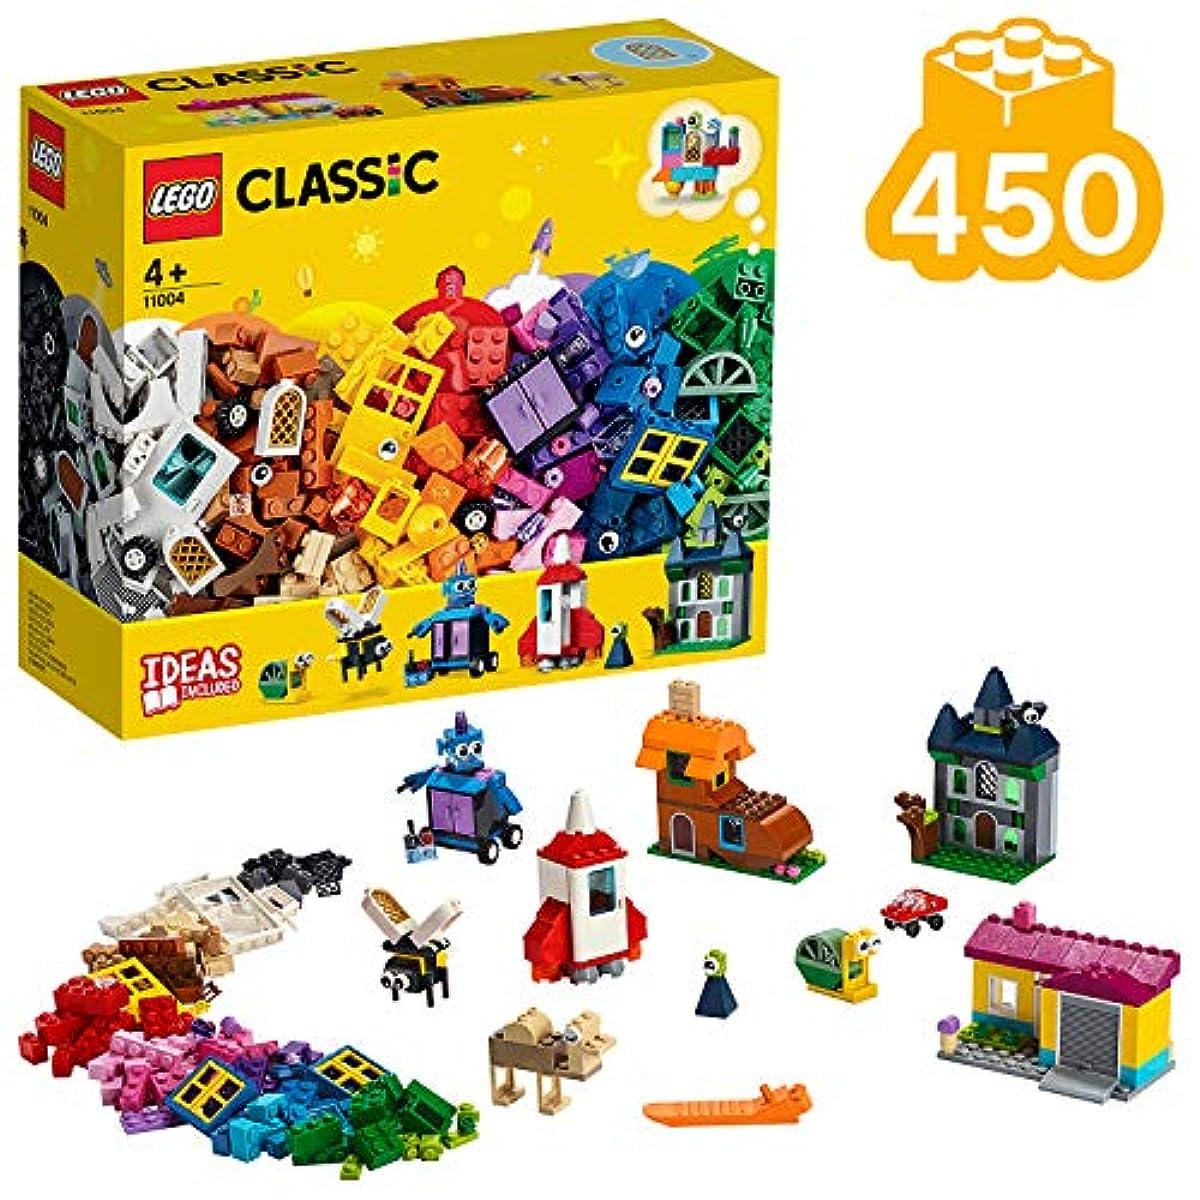 [해외] 레고(LEGO) 클래식 창조력의 창 11004 블럭 장난감 소녀 사내 아이